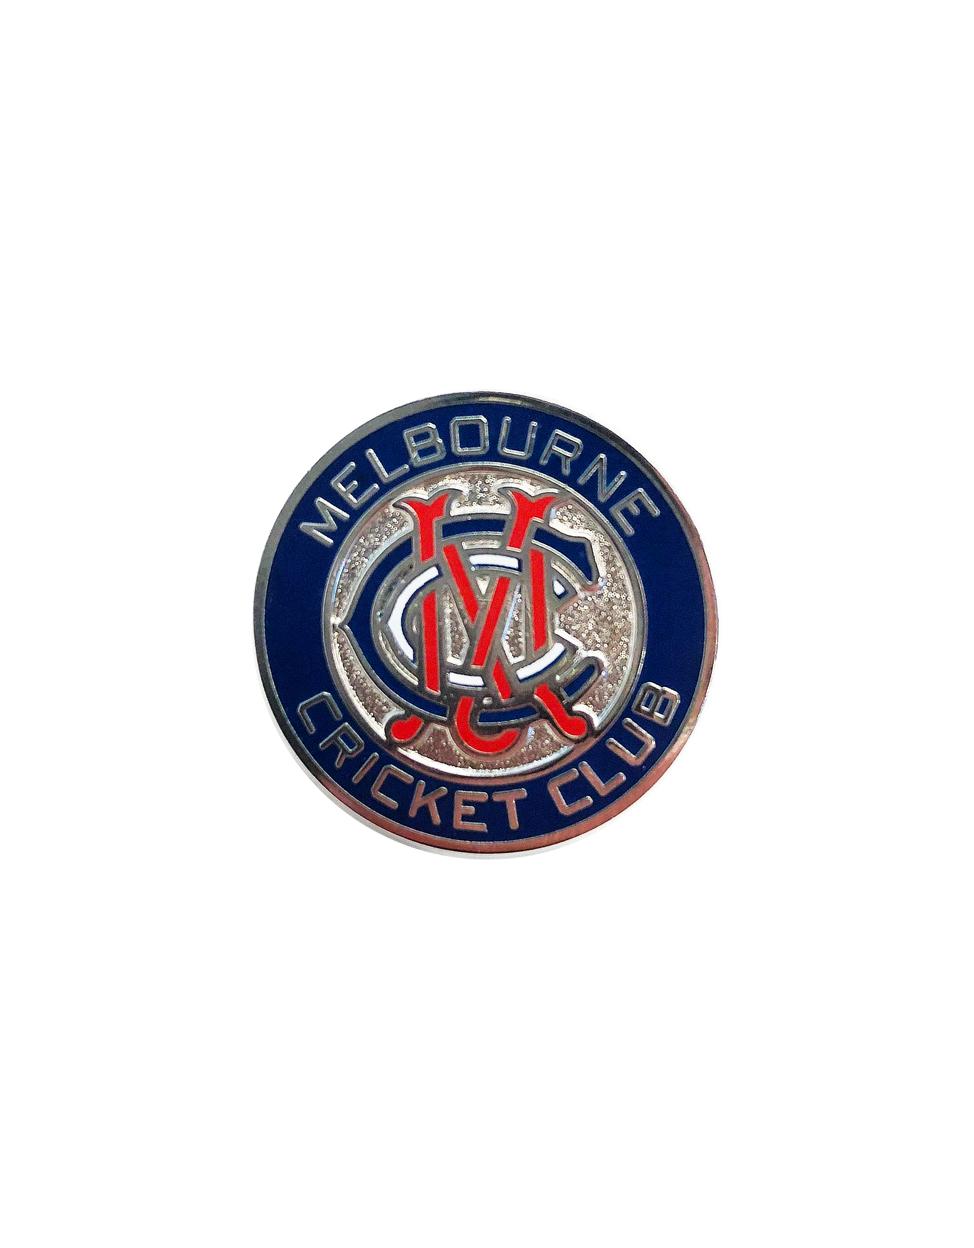 MCC Circular Lapel Pin